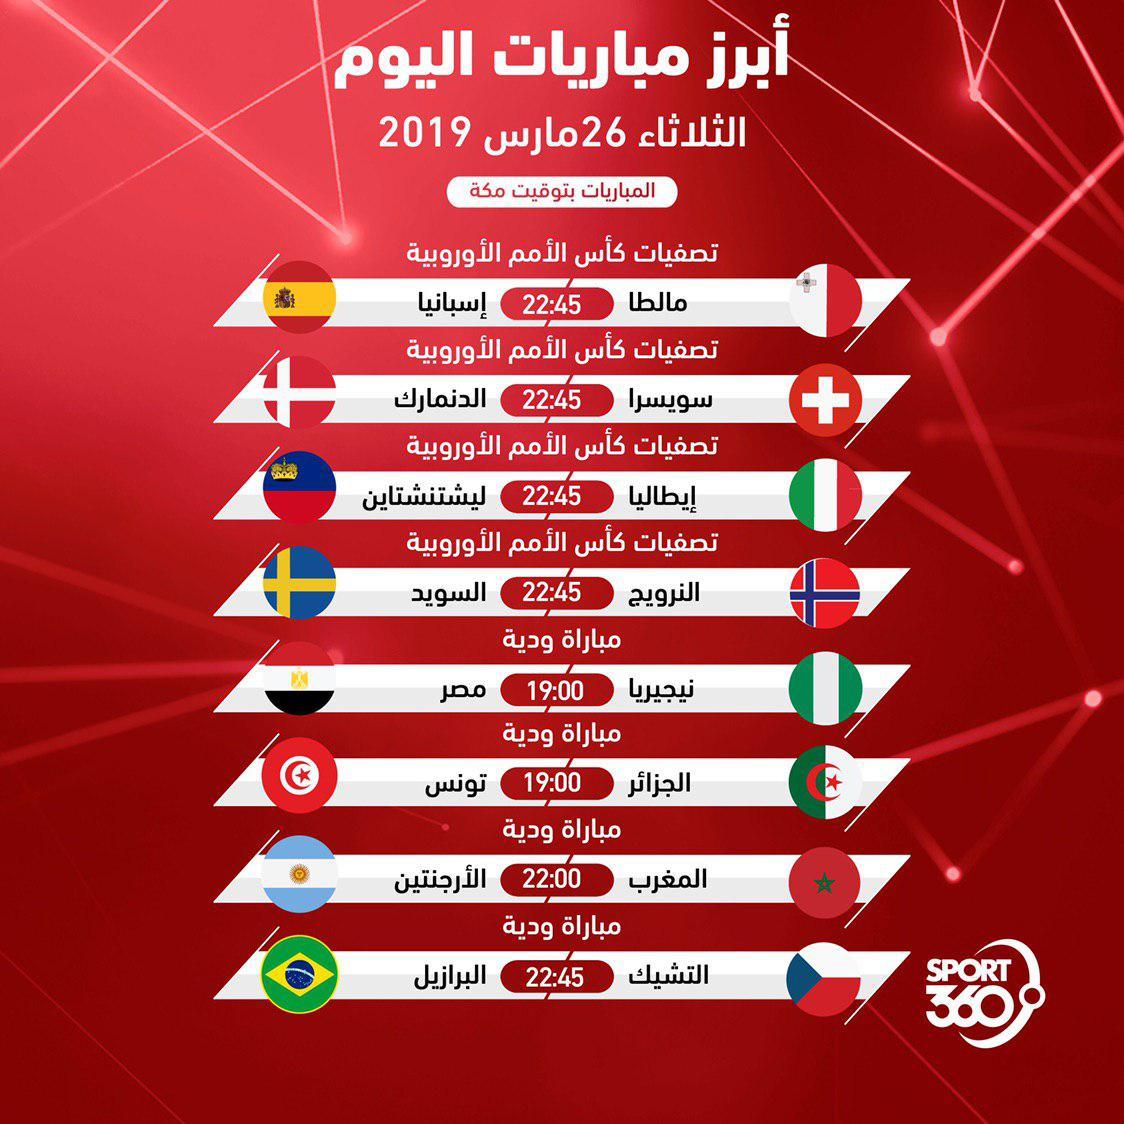 مواعيد مباريات اليوم: جدول مواعيد مباريات اليوم والقنوات الناقلة .. الثلاثاء 26